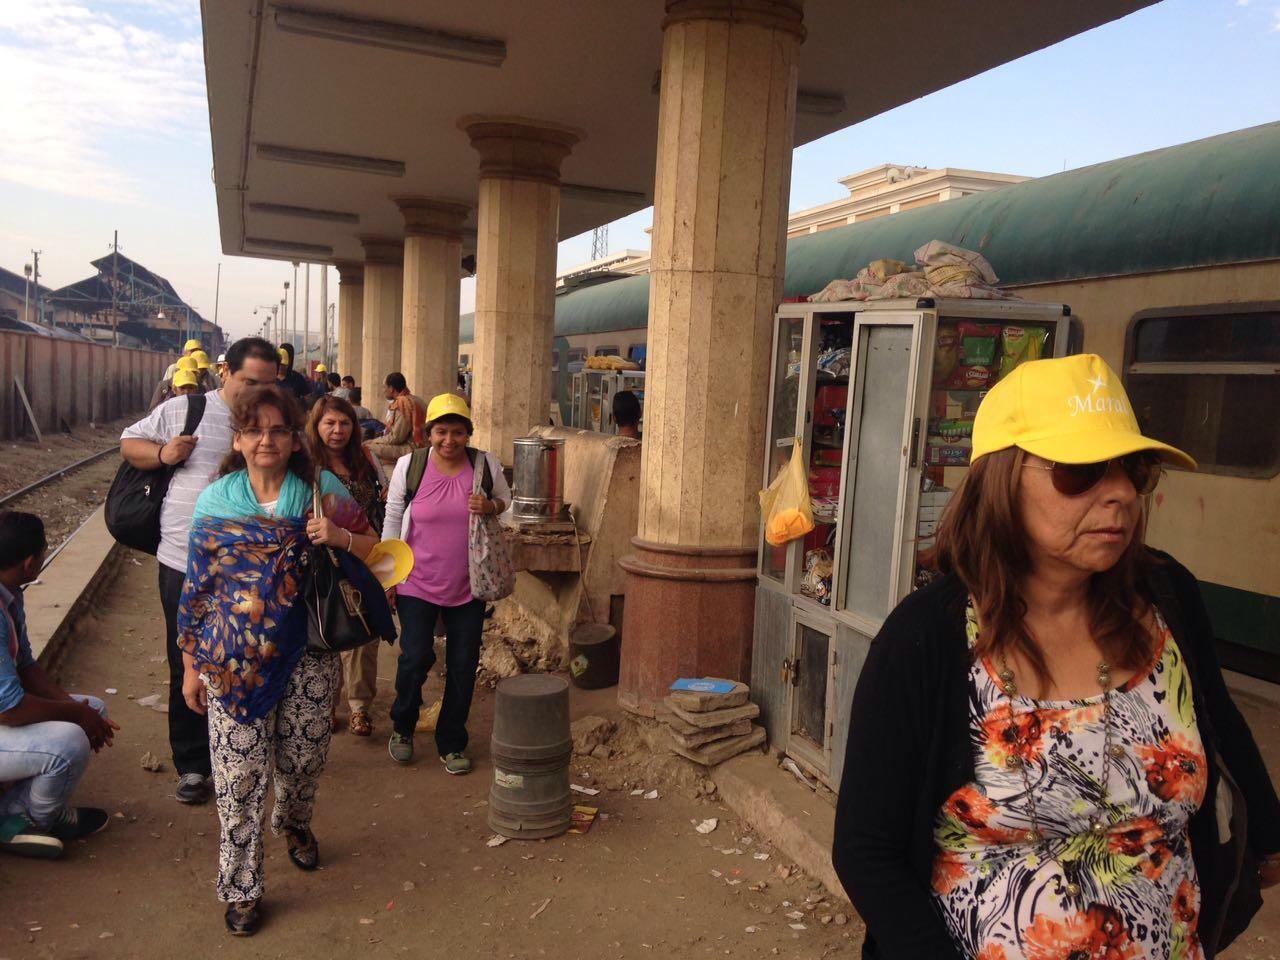 صور| هكذا يبدو طريق السائحين على رصيف محطة قطارات الأقصر